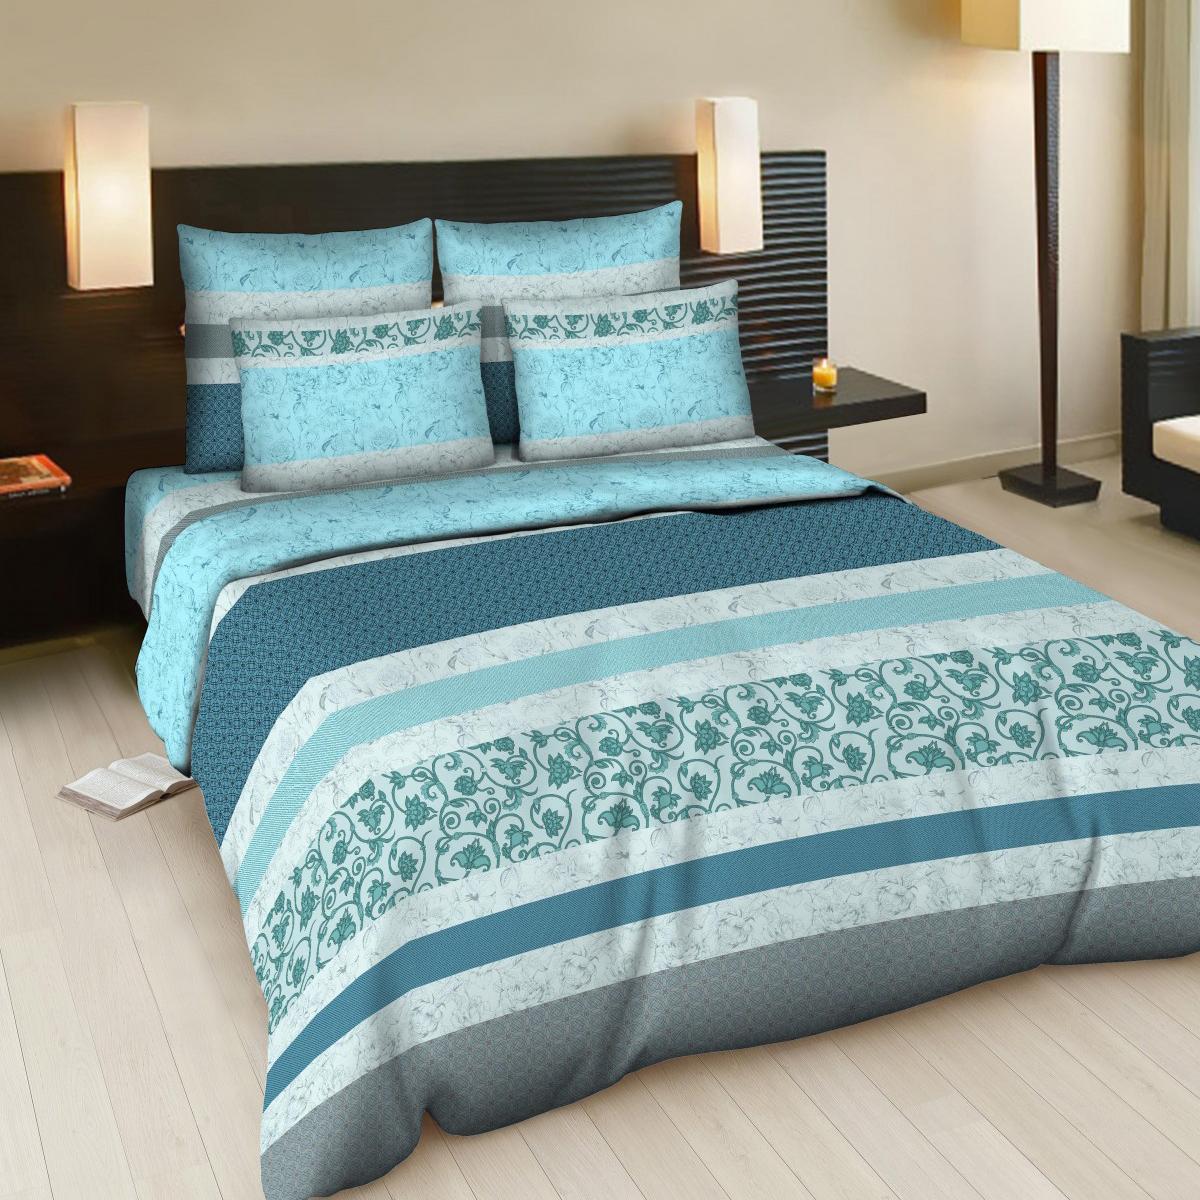 Комплект белья Letto Карнелия, евро, наволочки 70х70, цвет: голубой, серый, синийВ83-6Комплект постельного белья Letto Карнелия выполнен из бязи (100% натурального хлопка). Комплект состоит из пододеяльника, простыни и двух наволочек. Постельное белье оформлено ярким красочным рисунком.Гладкая структура делает ткань приятной на ощупь, мягкой и нежной, при этом она прочная и хорошо сохраняет форму. Благодаря такому комплекту постельного белья вы сможете создать атмосферу роскоши и романтики в вашей спальне.